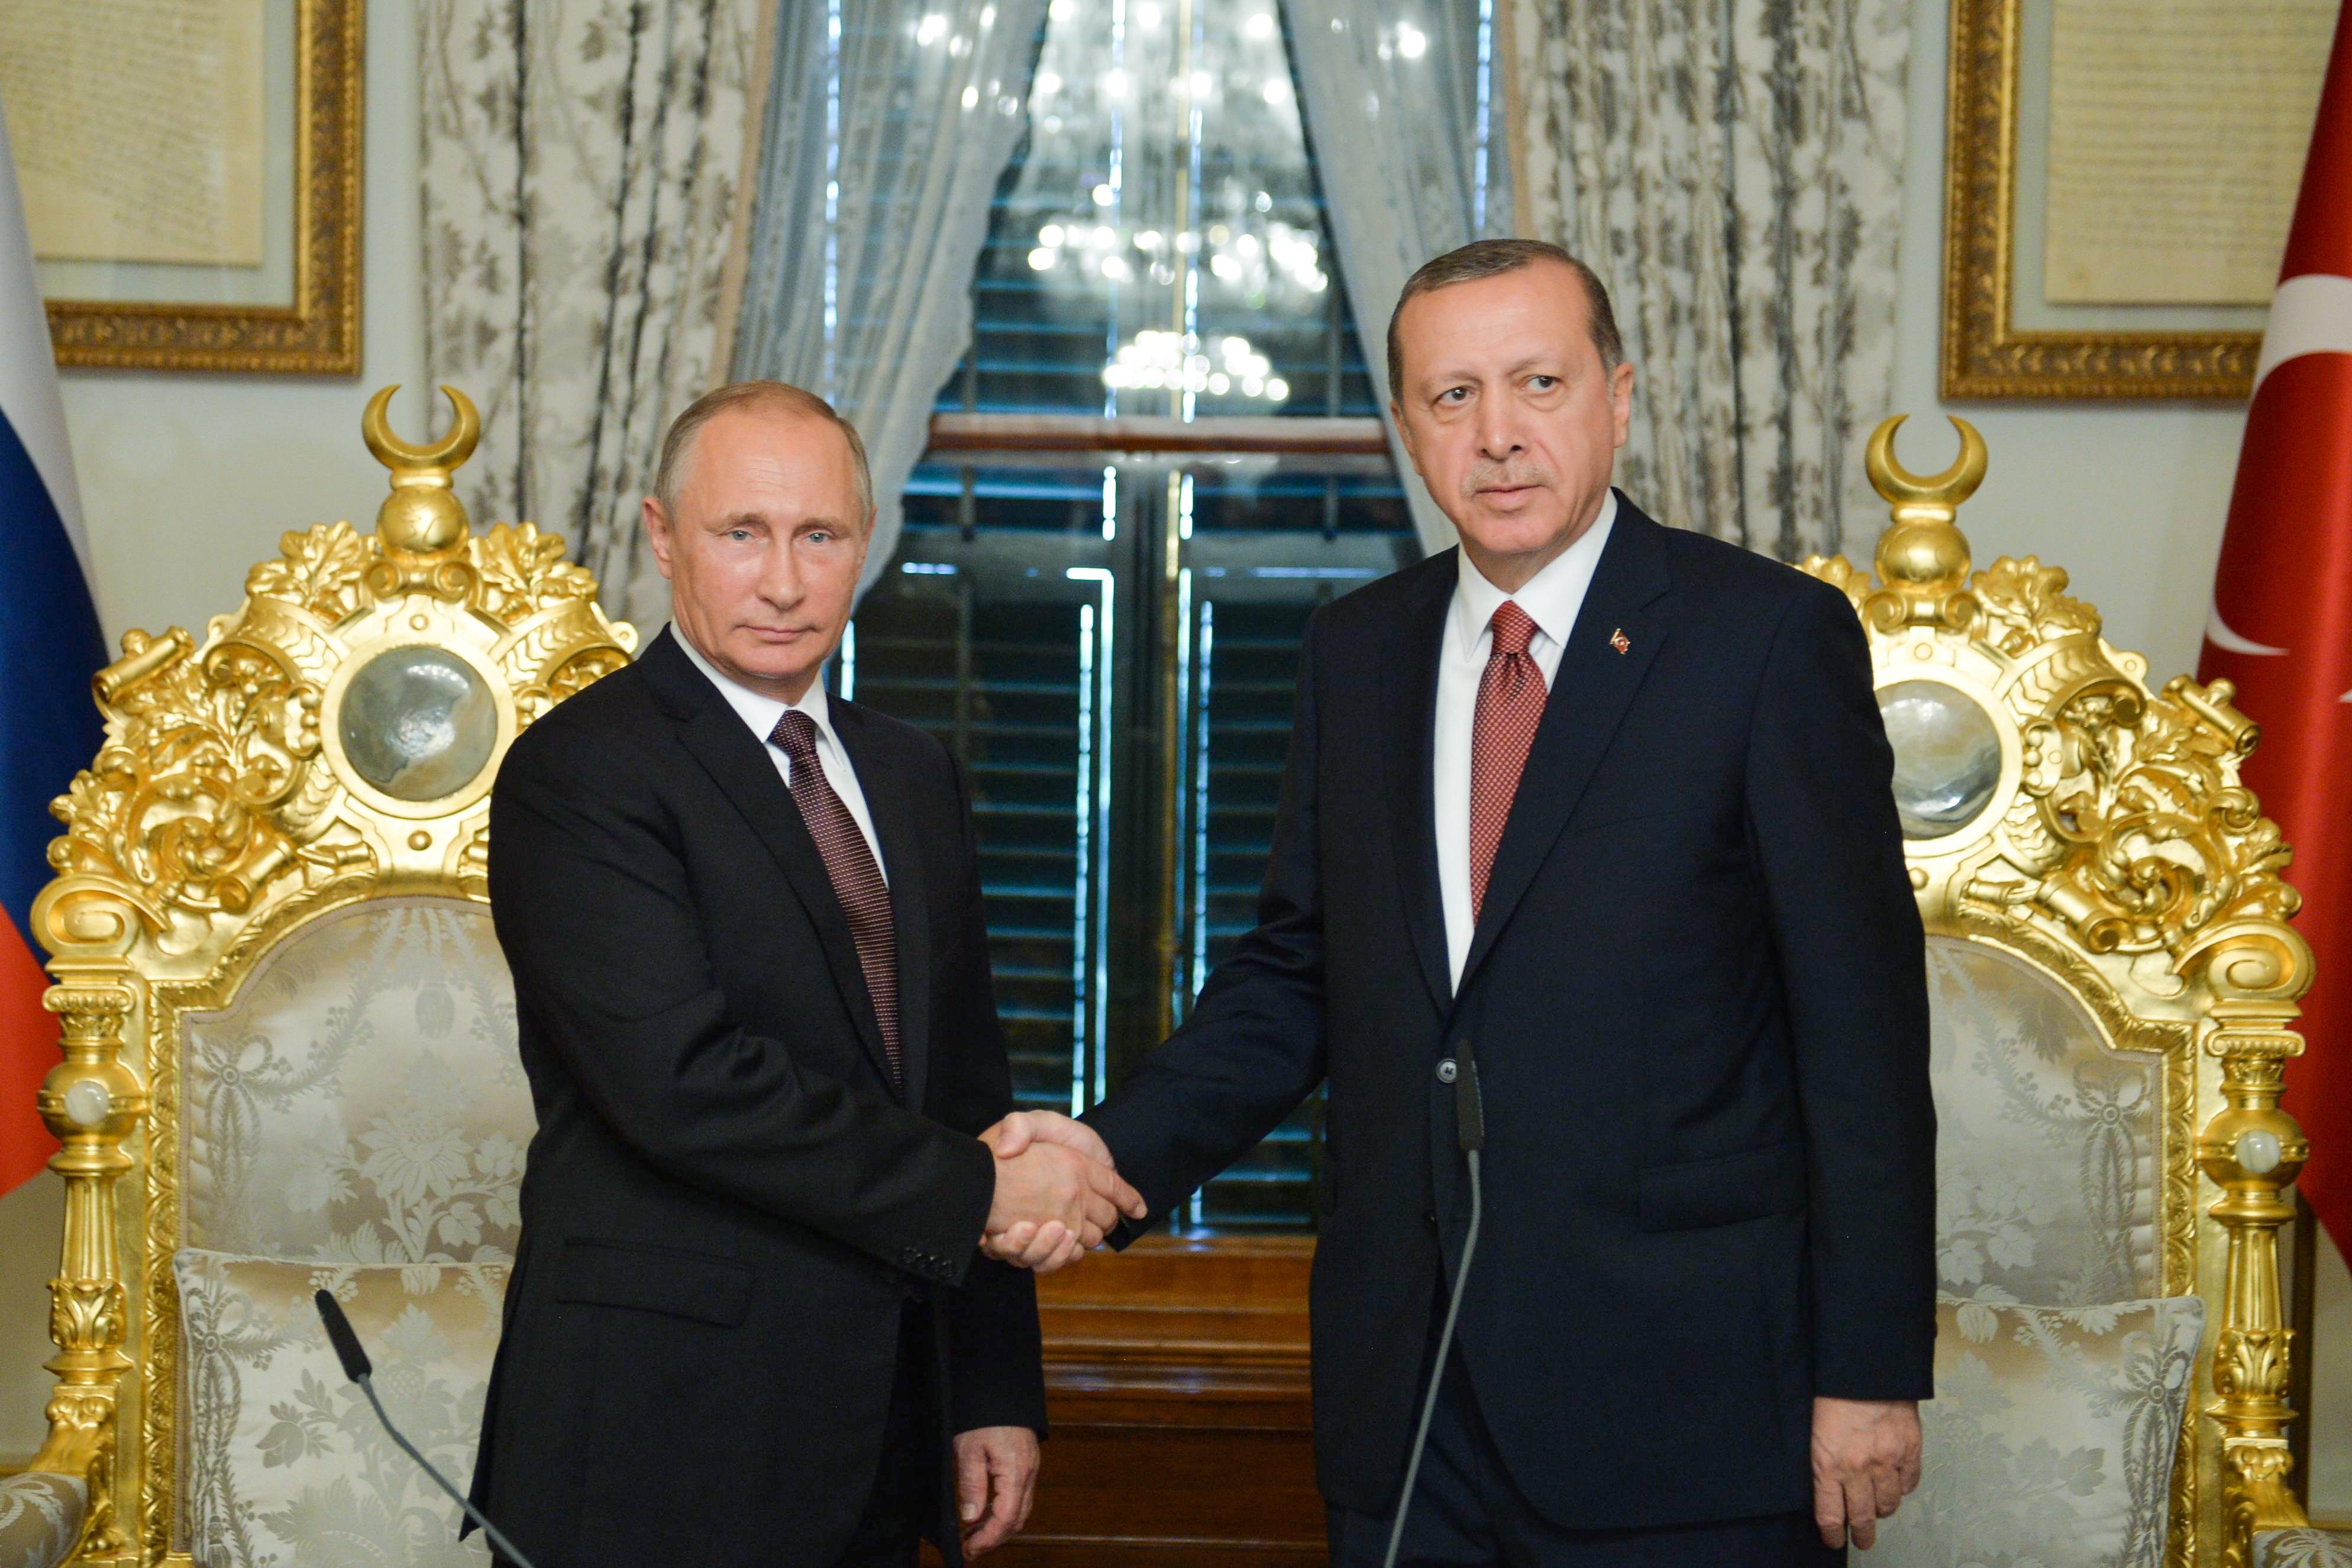 Президент РФ Владимир Путин и президент Турции Реджеп Эрдоган (слева направо) во время встречи. Фото: Алексей Дружинин/пресс-служба президента РФ/ТАСС